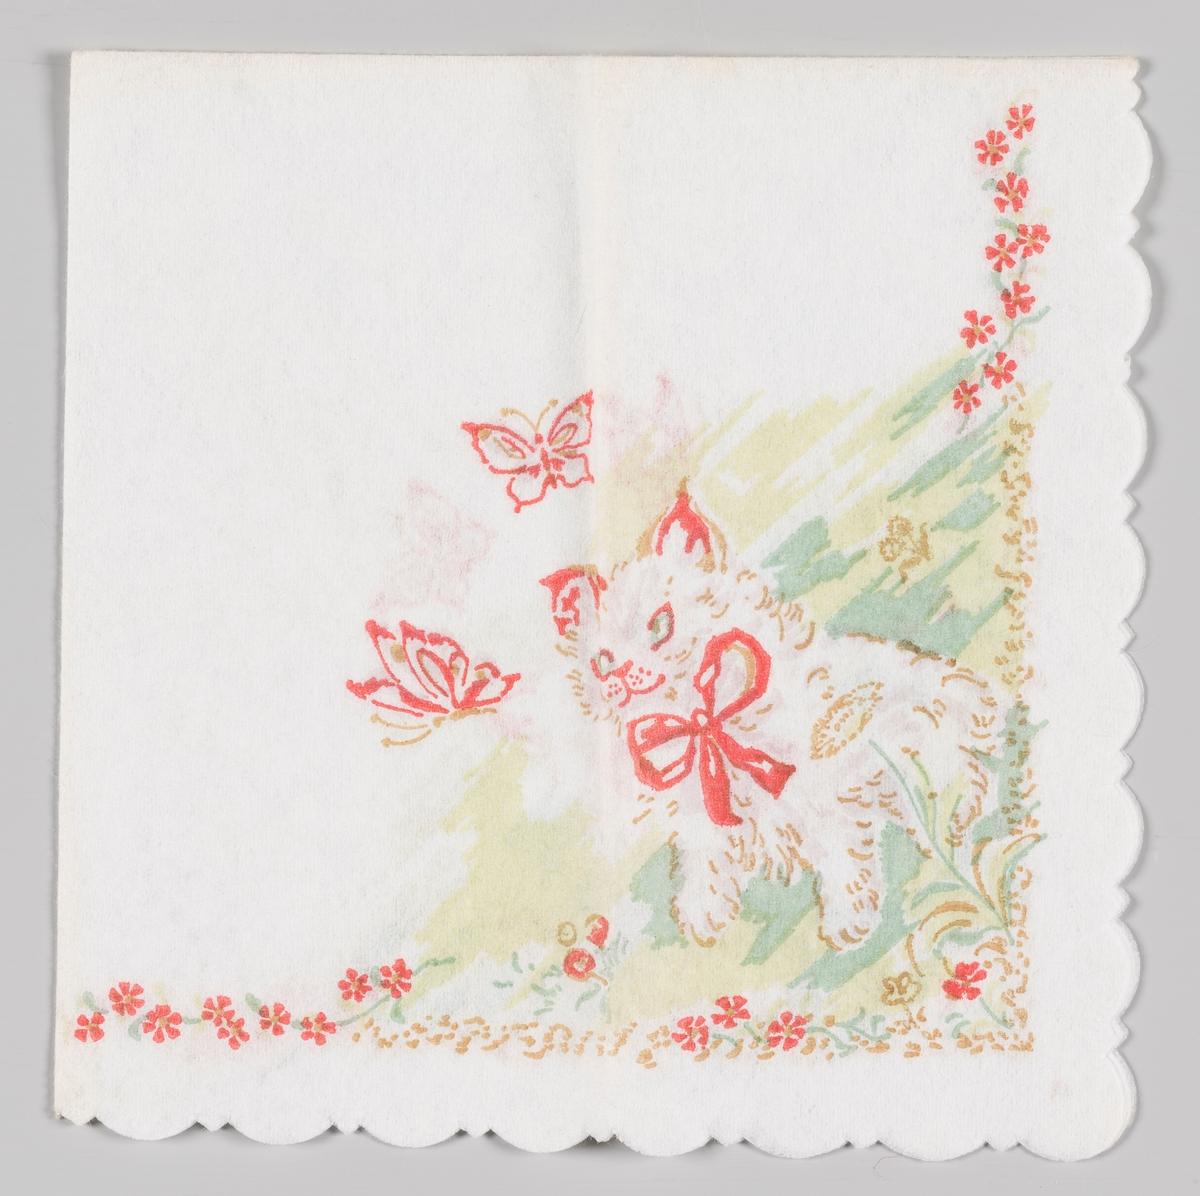 en katt med rød sløyfe ser på to sommerfugler. langs kanten røde blomster.